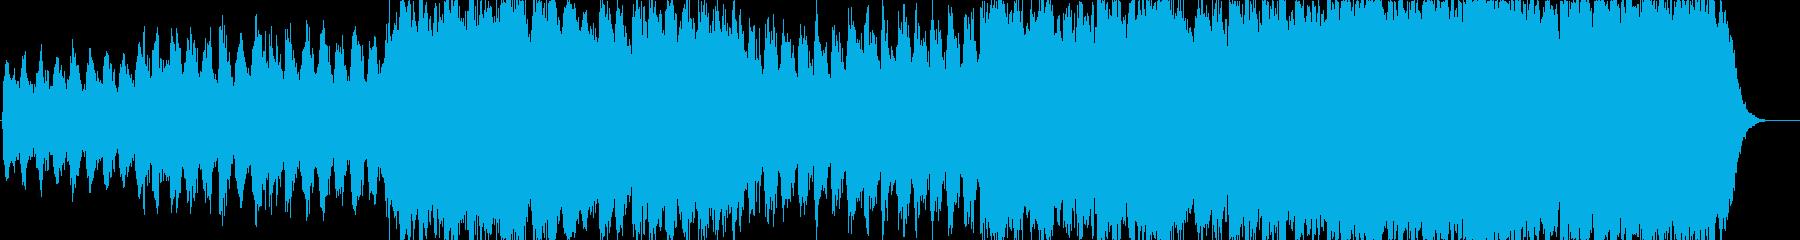 癒し系クラシックの再生済みの波形